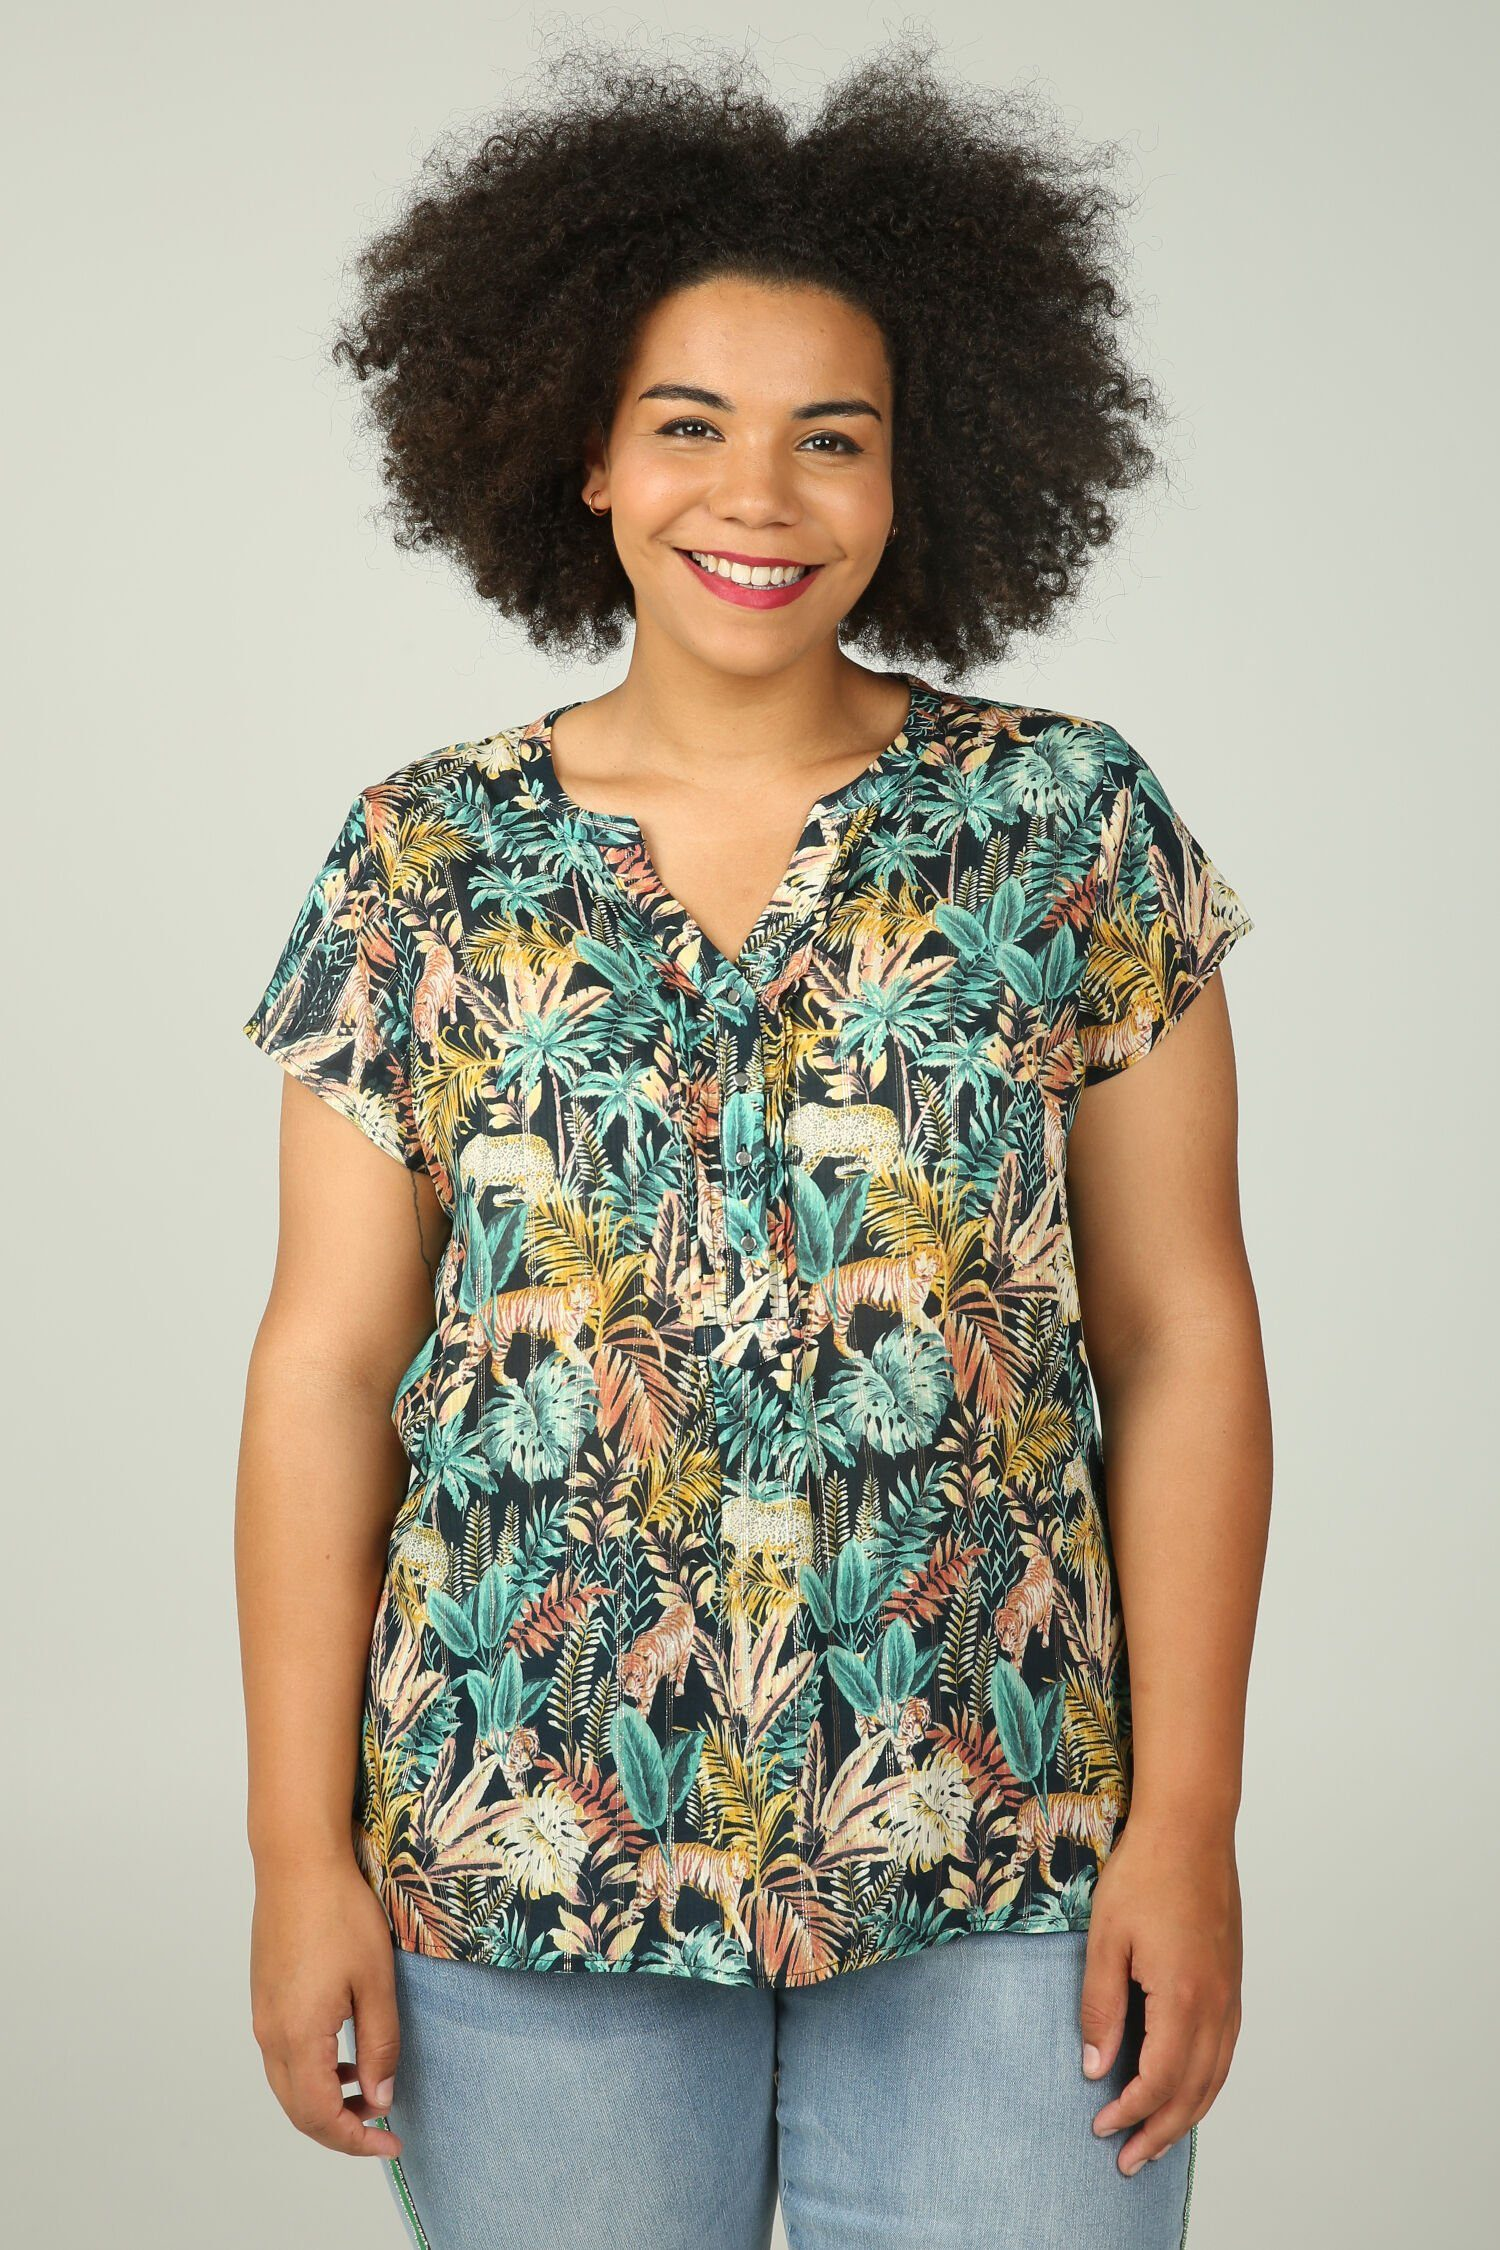 Paprika Druckbluse Bluse mit Dschungel- und Folienaufdruck